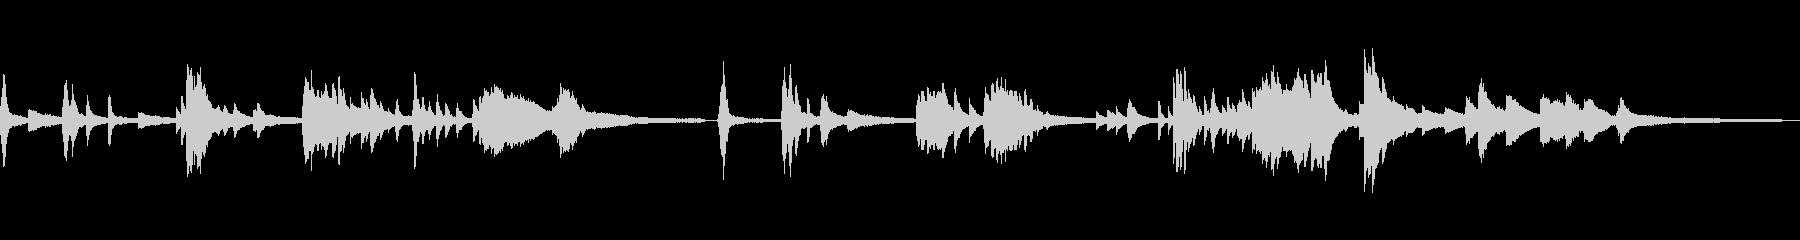 シリアスな和風の雰囲気15-ピアノソロの未再生の波形